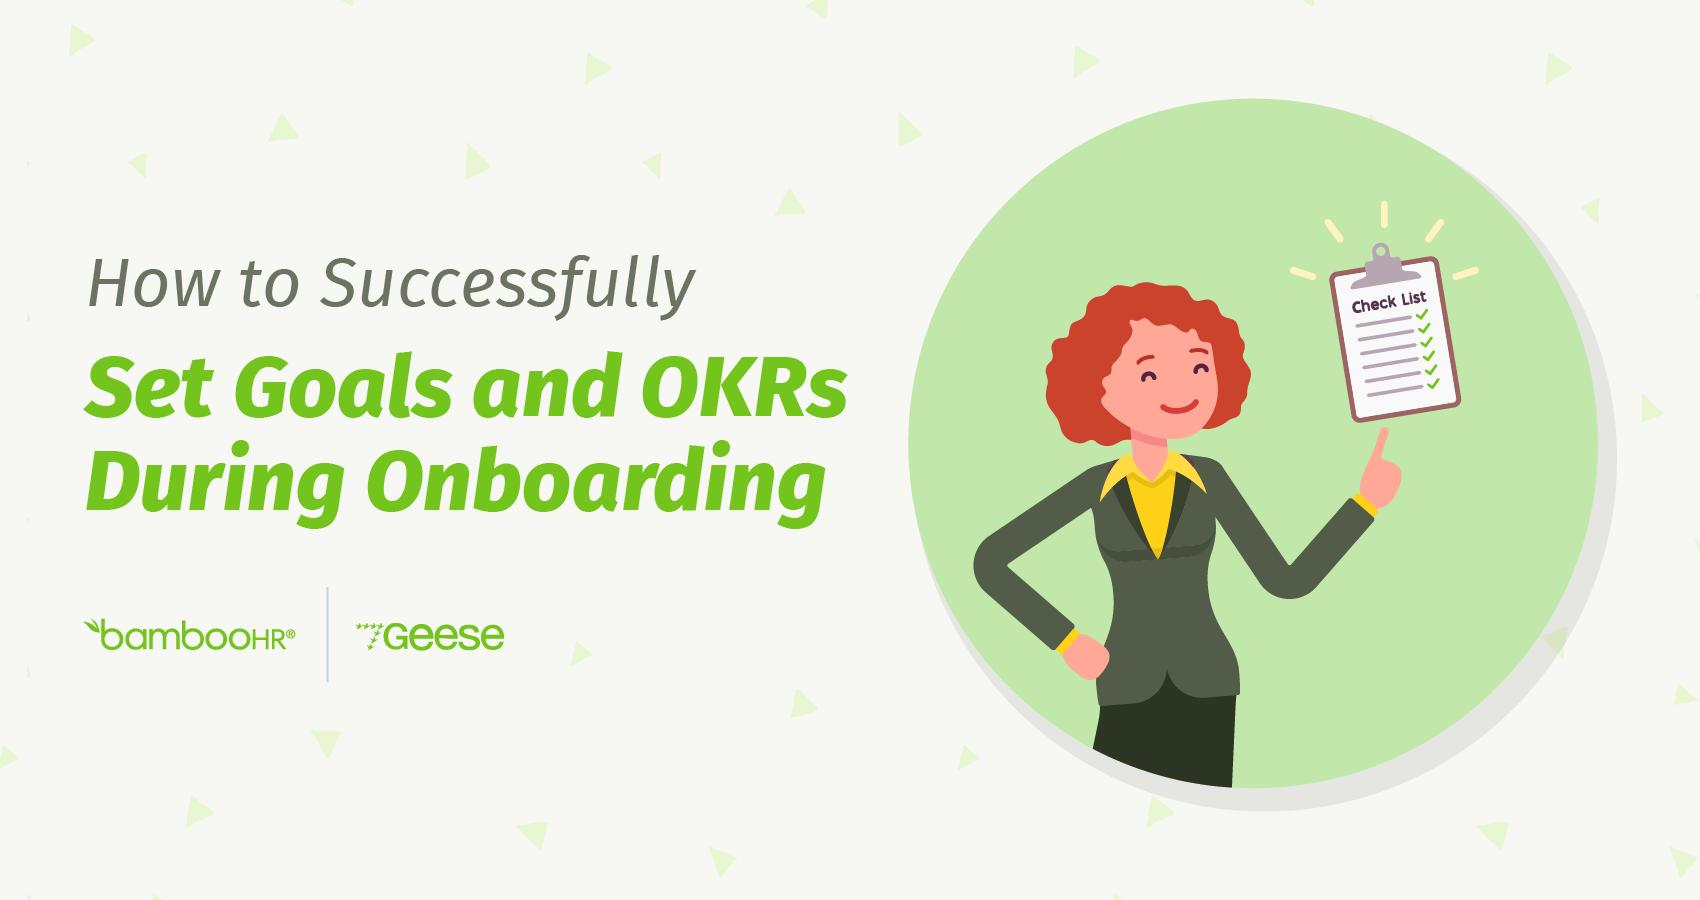 如何在入职期间成功设定目标和OKR